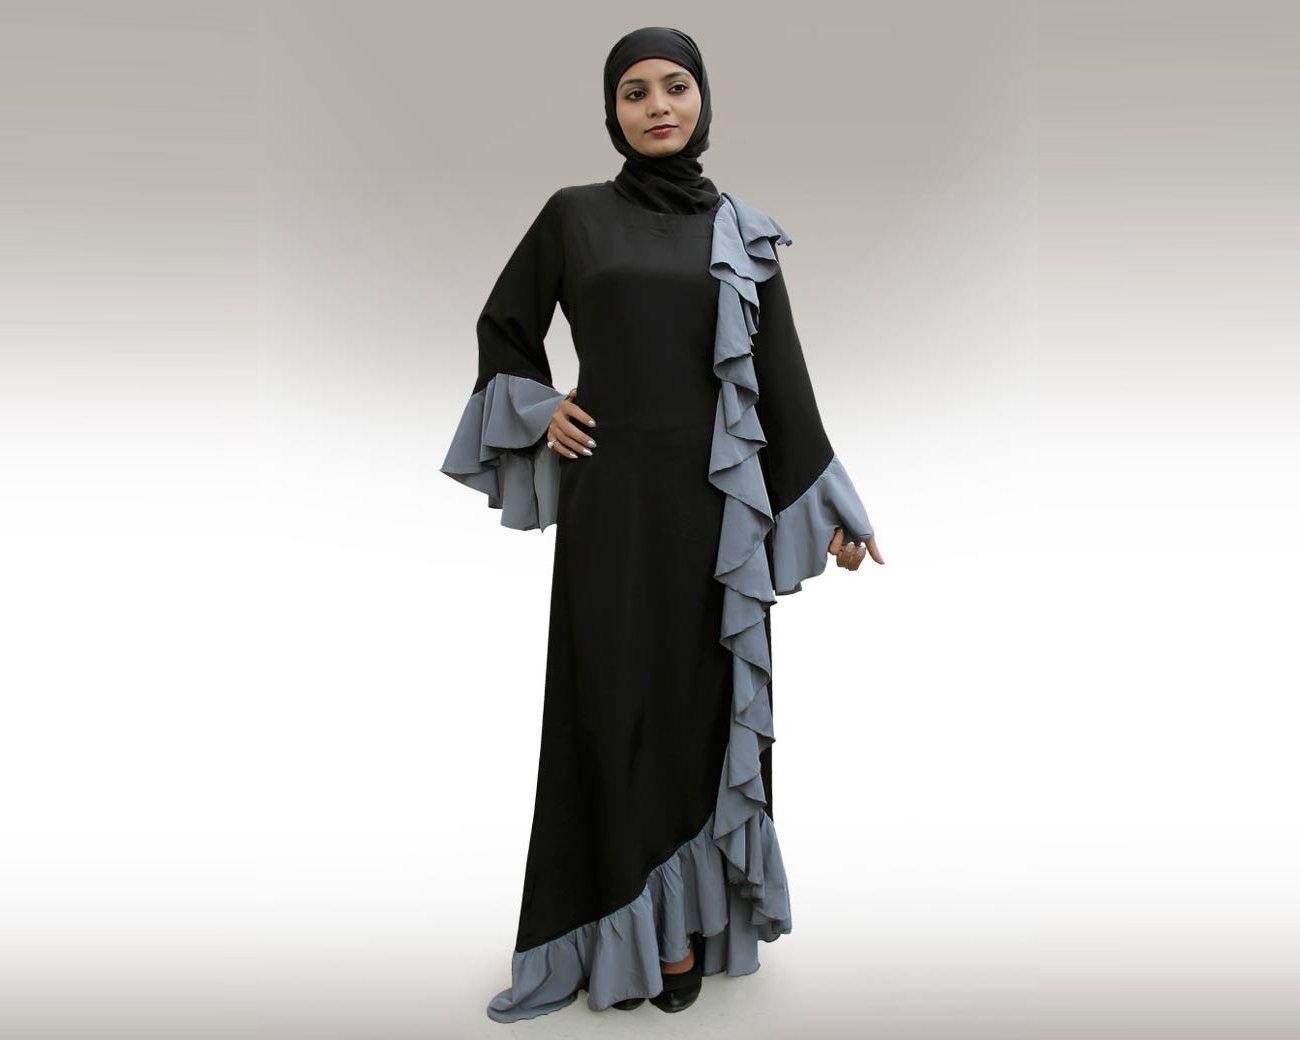 Burka Fashion